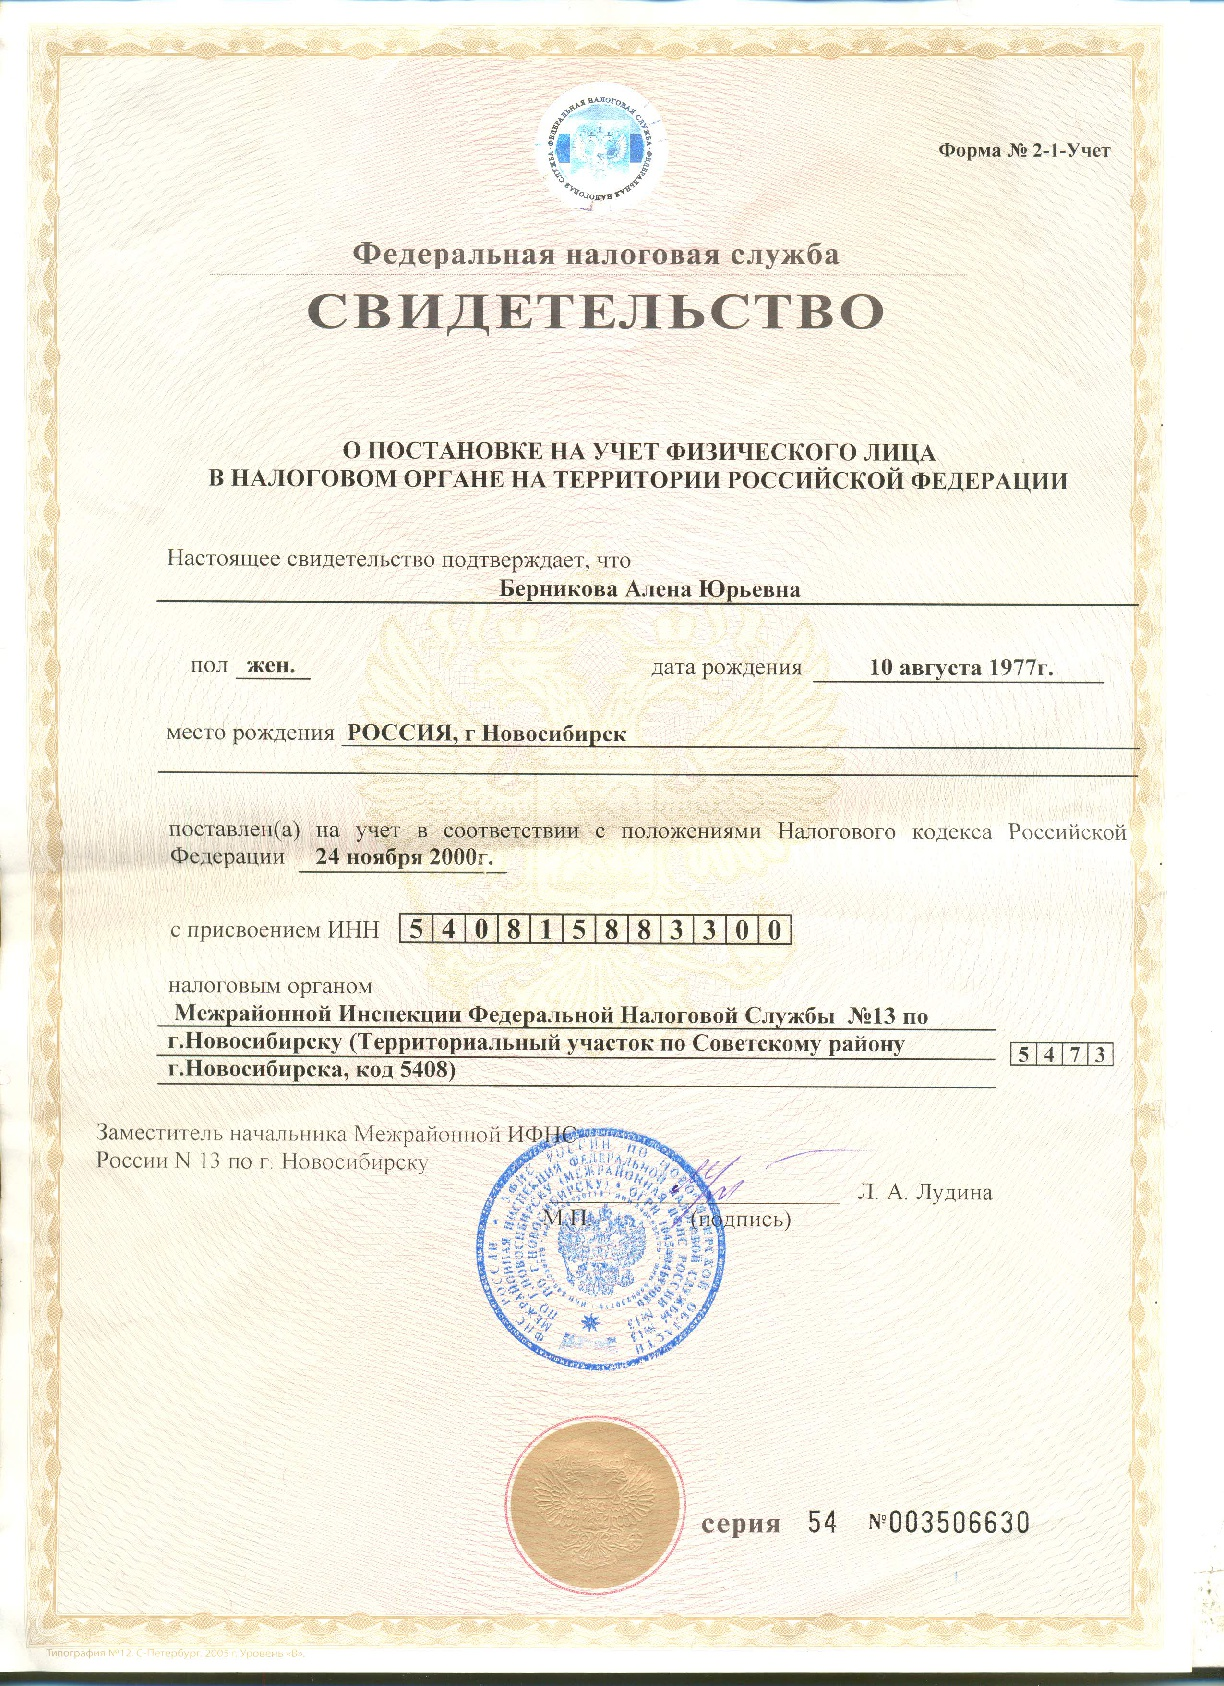 Нормативные документы. Свидетельство регистрацииИП Берникова